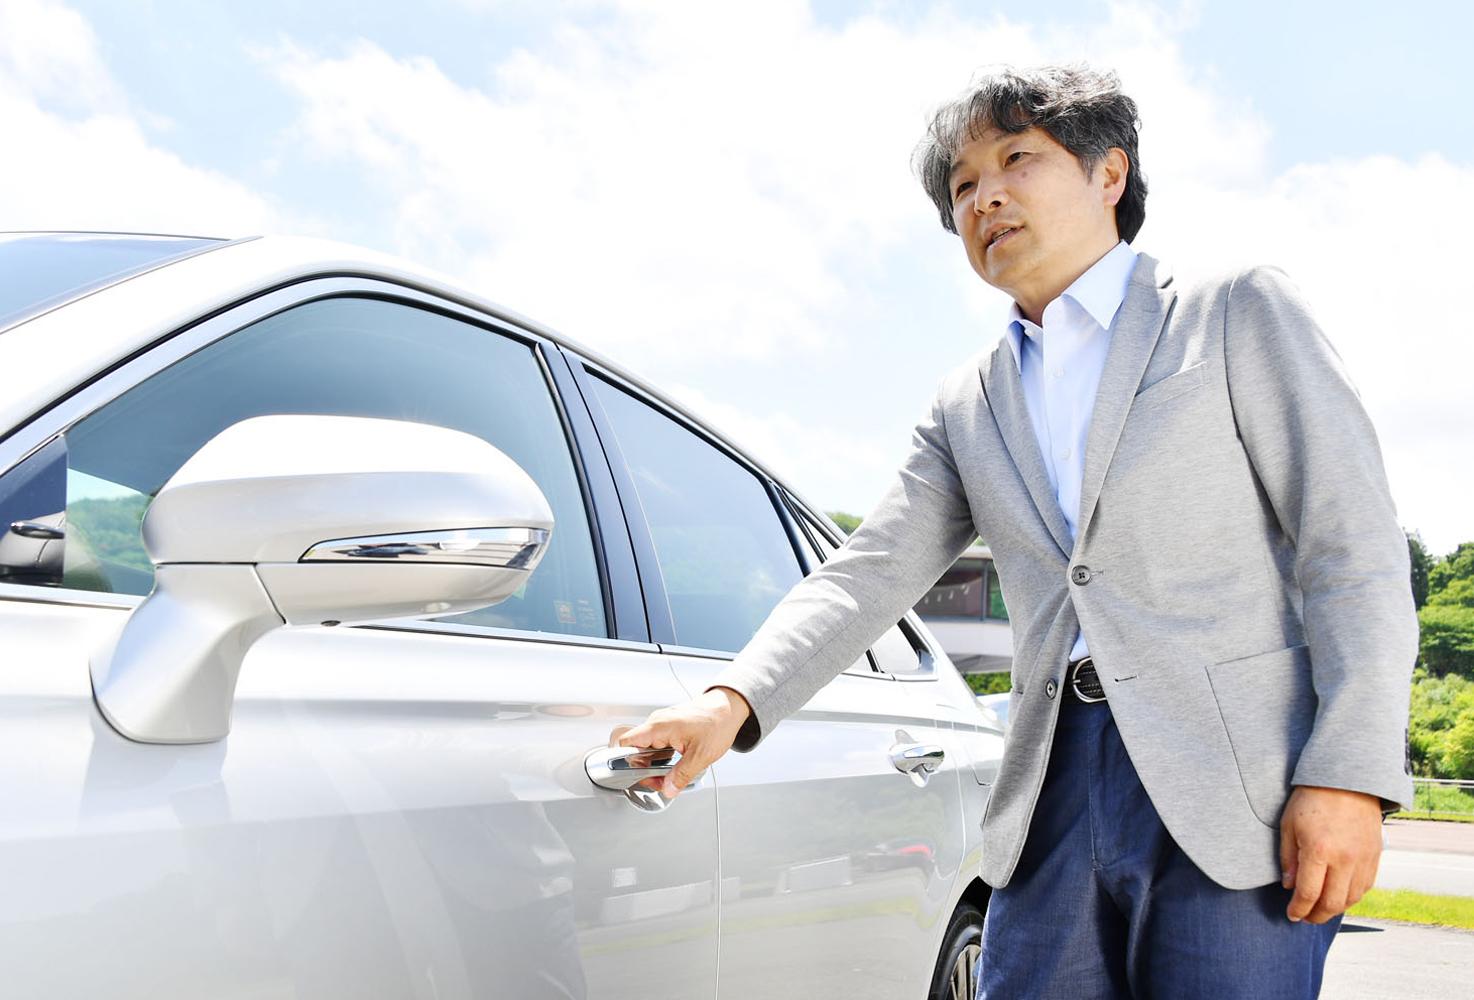 車両の傍らでハンドルバーのデザインについて語る國重さん。ドアそのものは、閉めた際の音の響き方まで考慮してデザイン・設計したという。